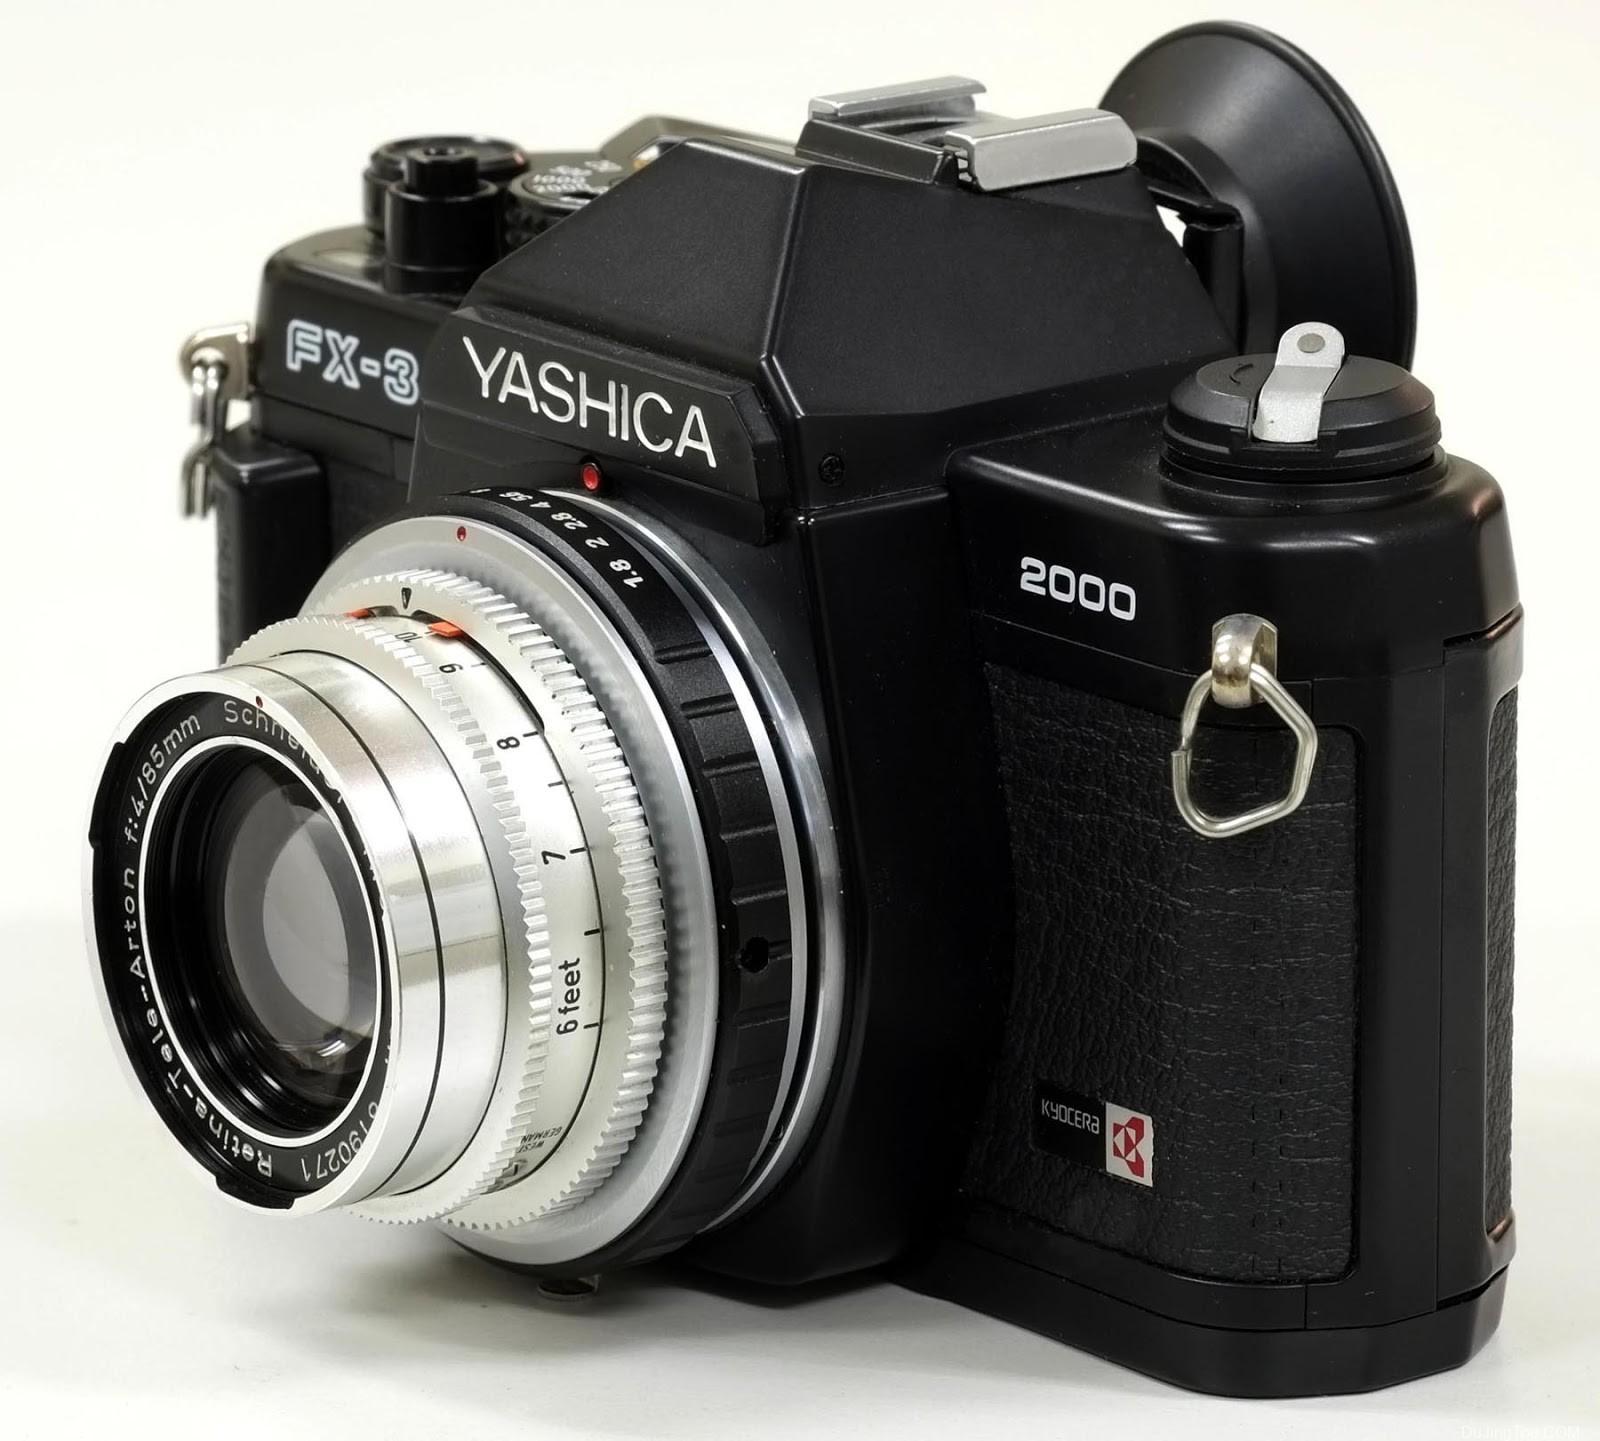 施耐德Schneider-Kreuznach Retina-Tele-Arton 85mm F4 (DKL卡口)镜头测试及样片